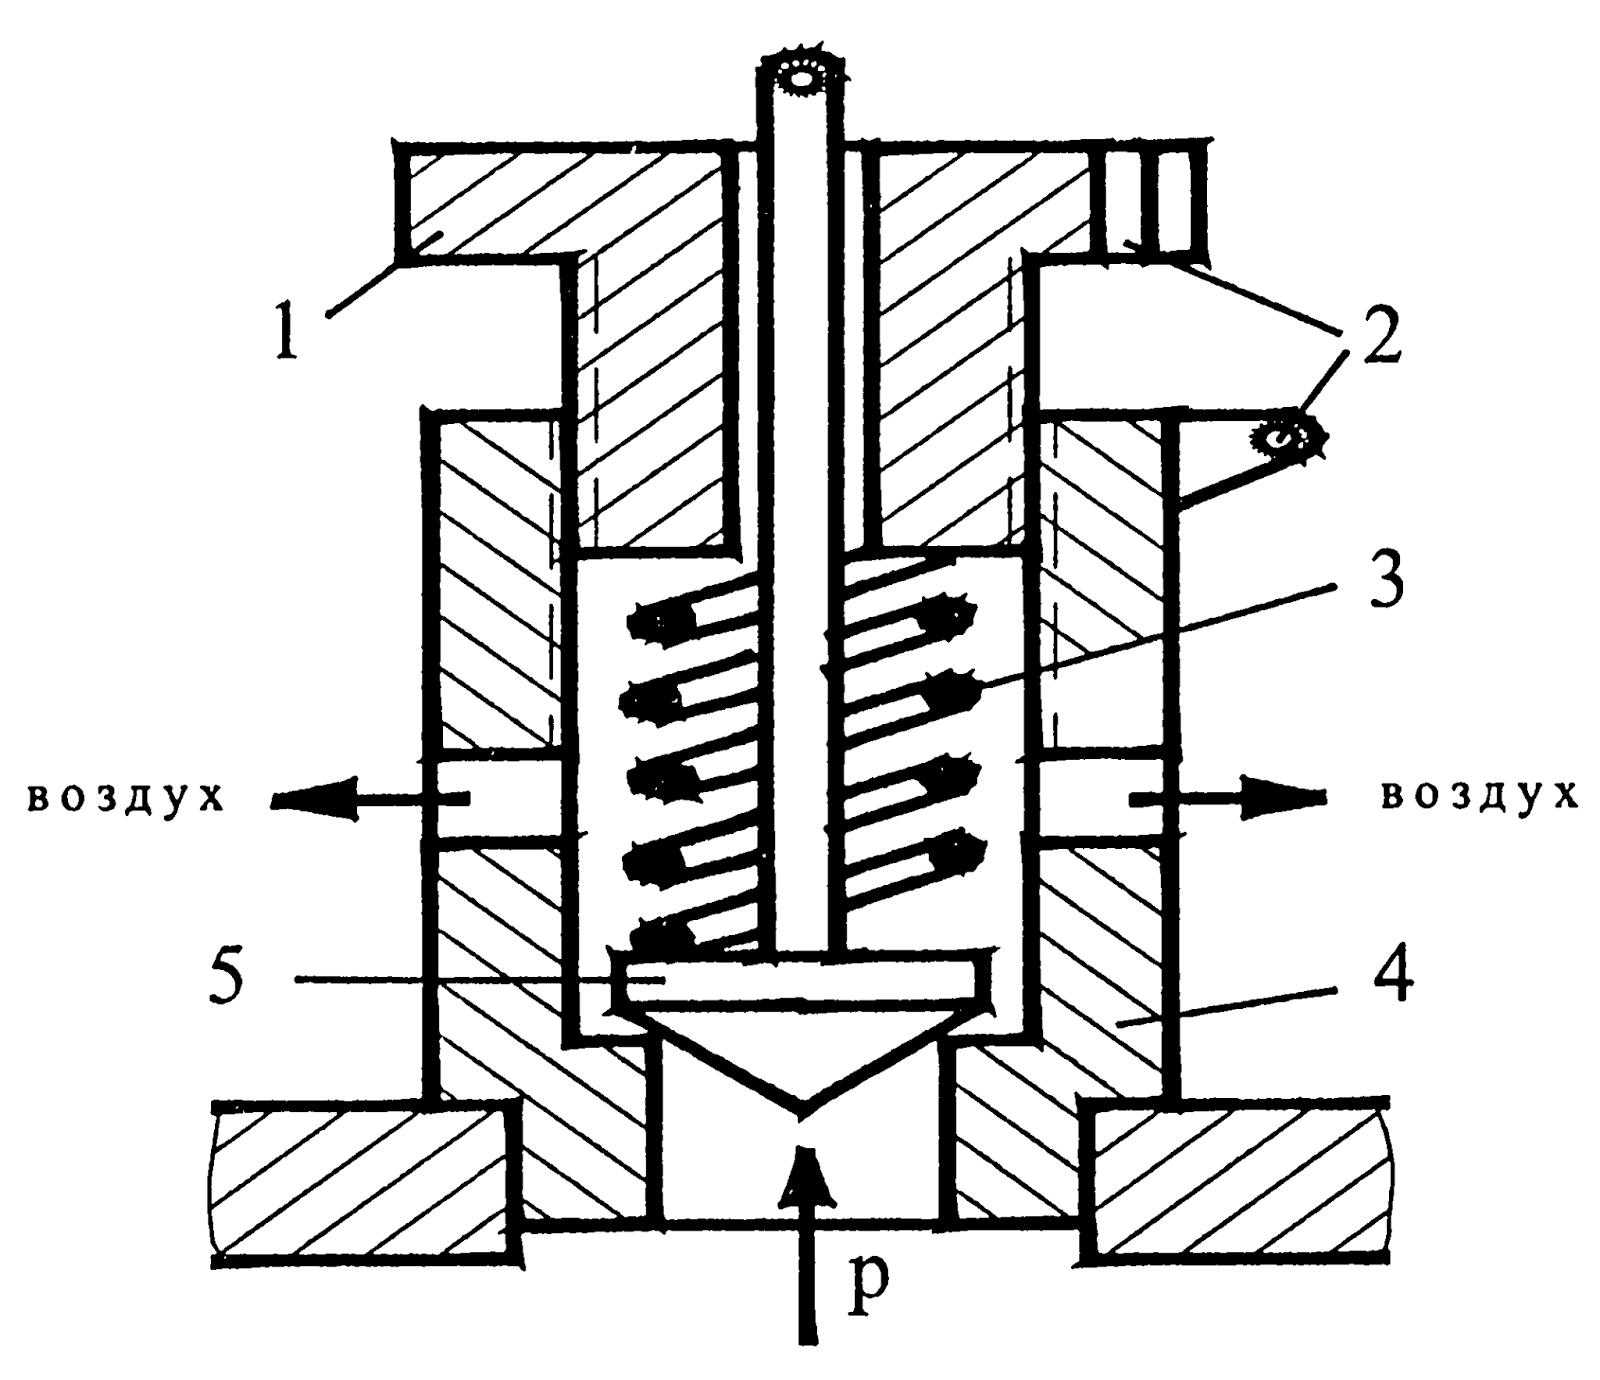 балансировка колес станком семв с72 инструкция